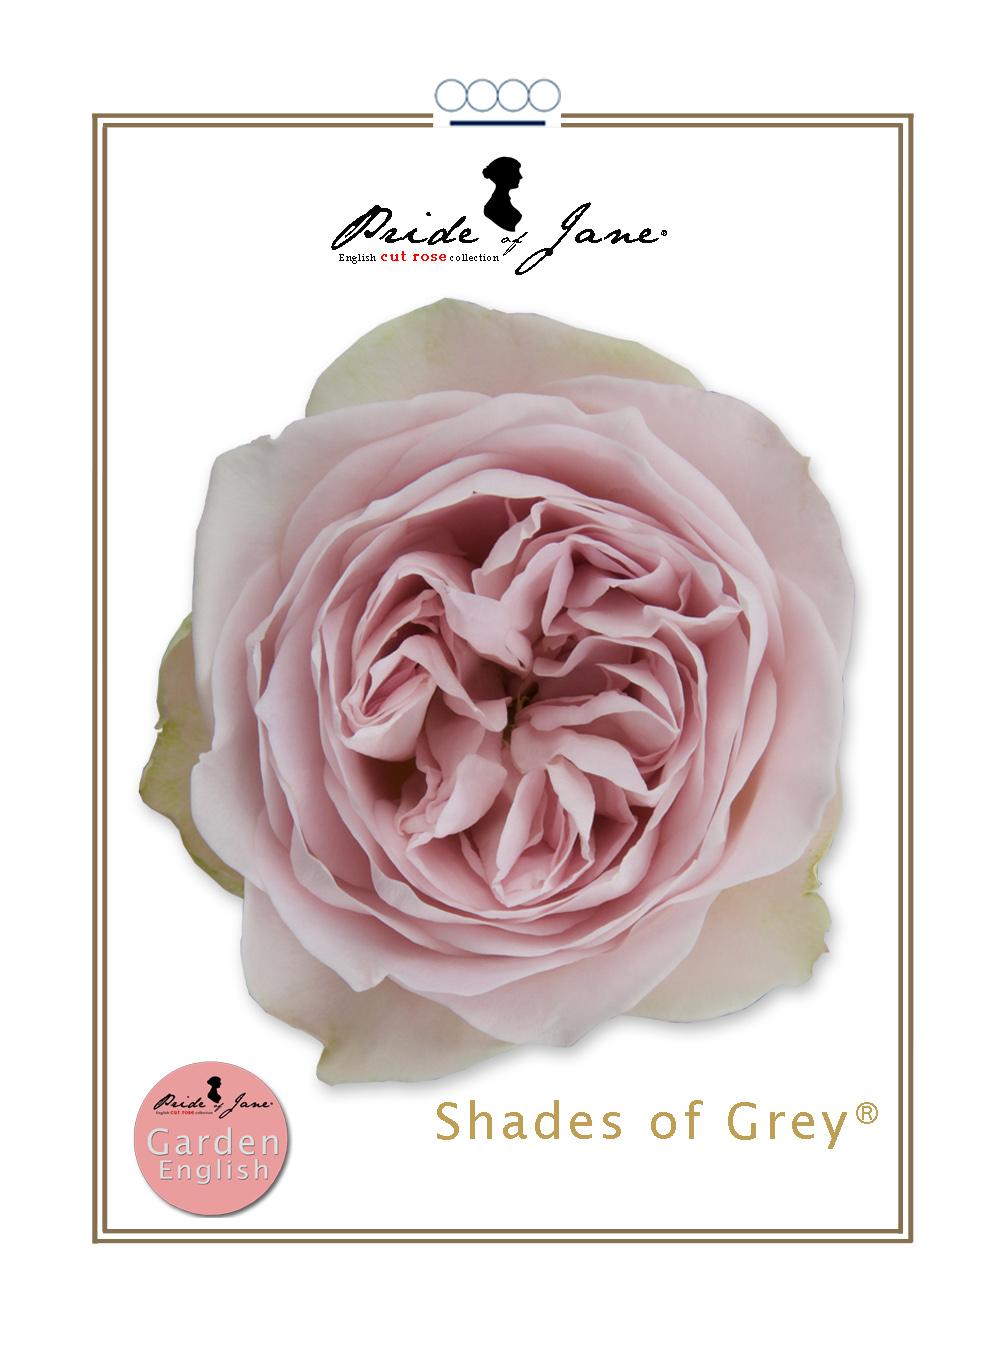 Shades of Grey®